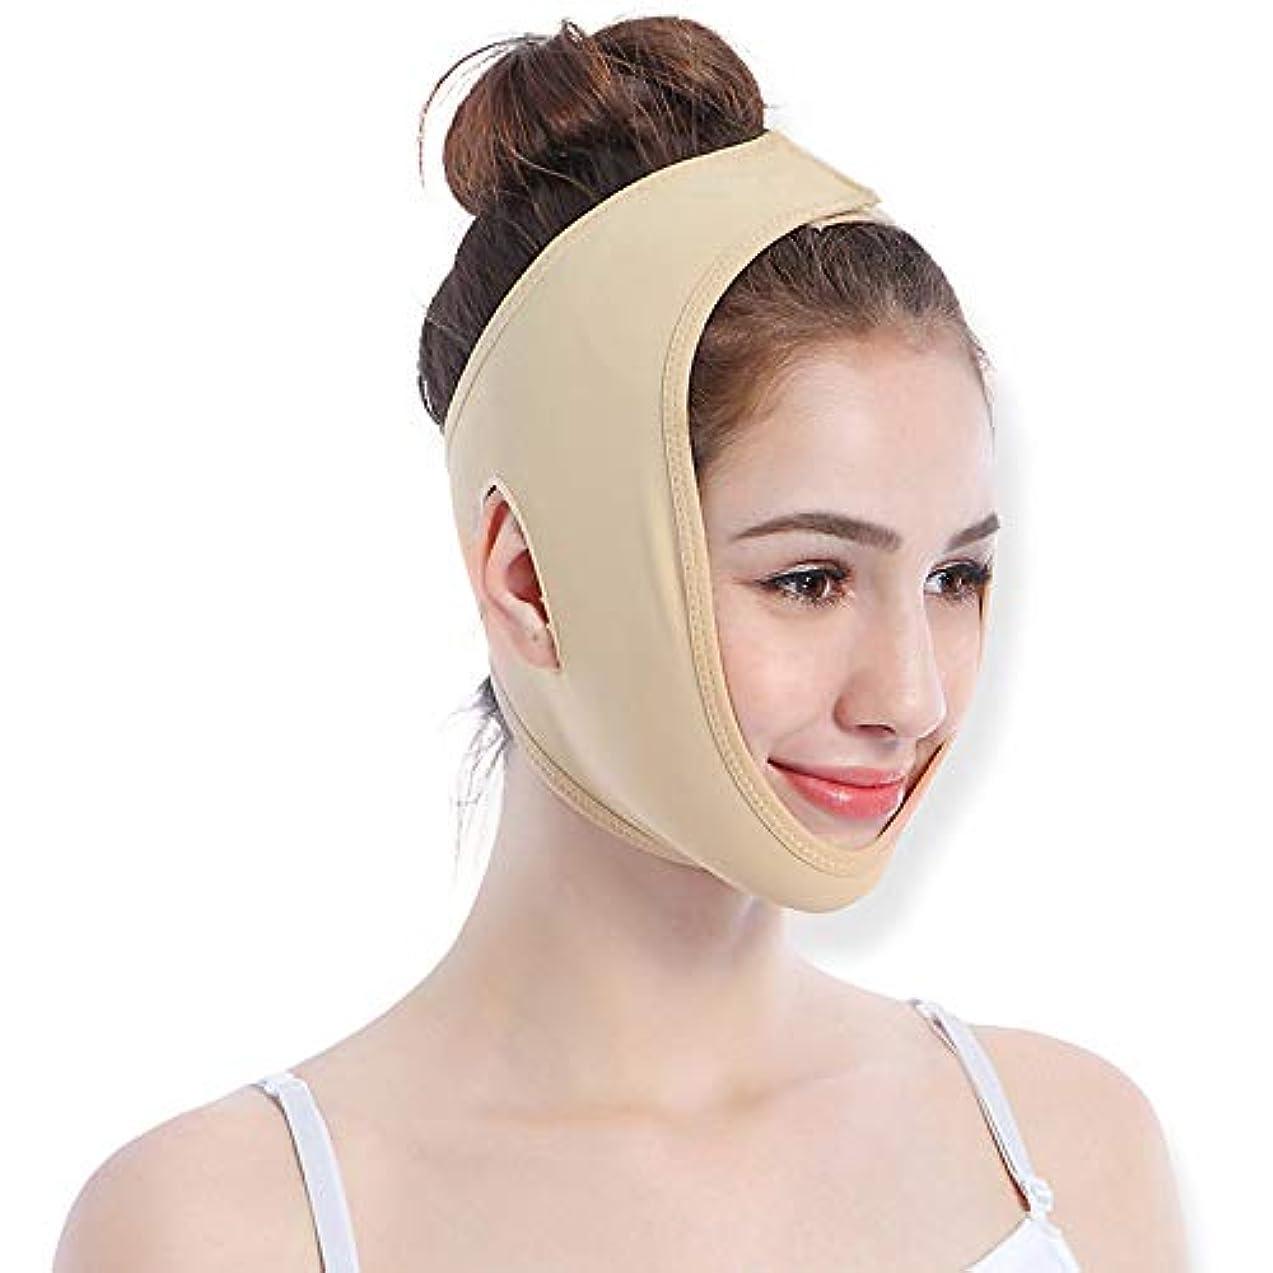 雇う刺しますゲートウェイ顔の重量損失通気性顔マスク睡眠 V 顔マスク顔リフティング包帯リフティング引き締めフェイスリフティングユニセックス,S